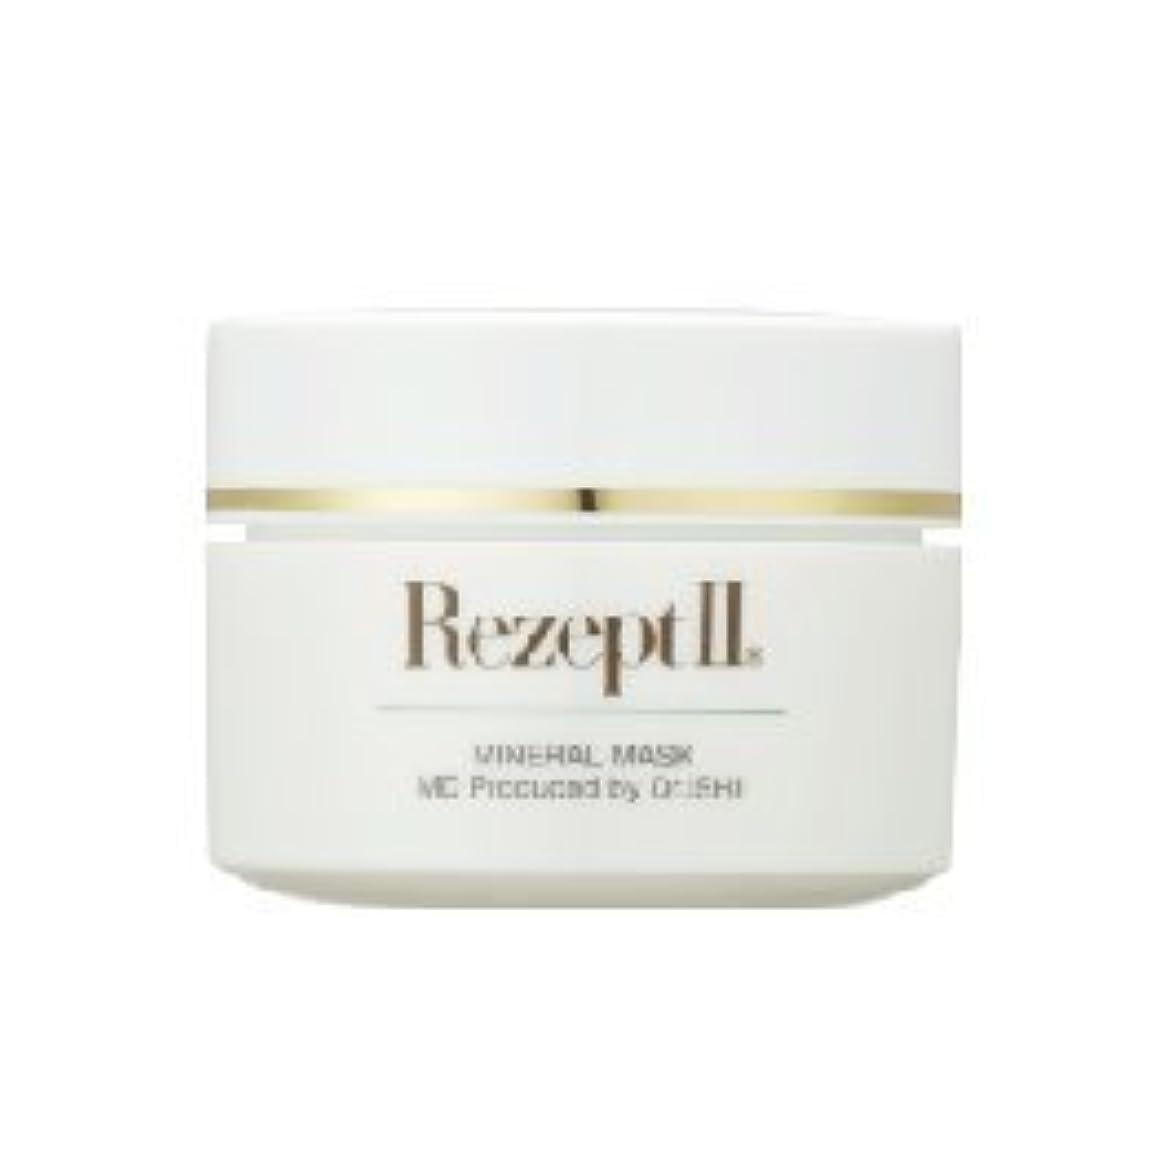 助けになる信頼性のある美人MD化粧品 ドクターズコスメ レセプト2 ミネラル マスク 95g